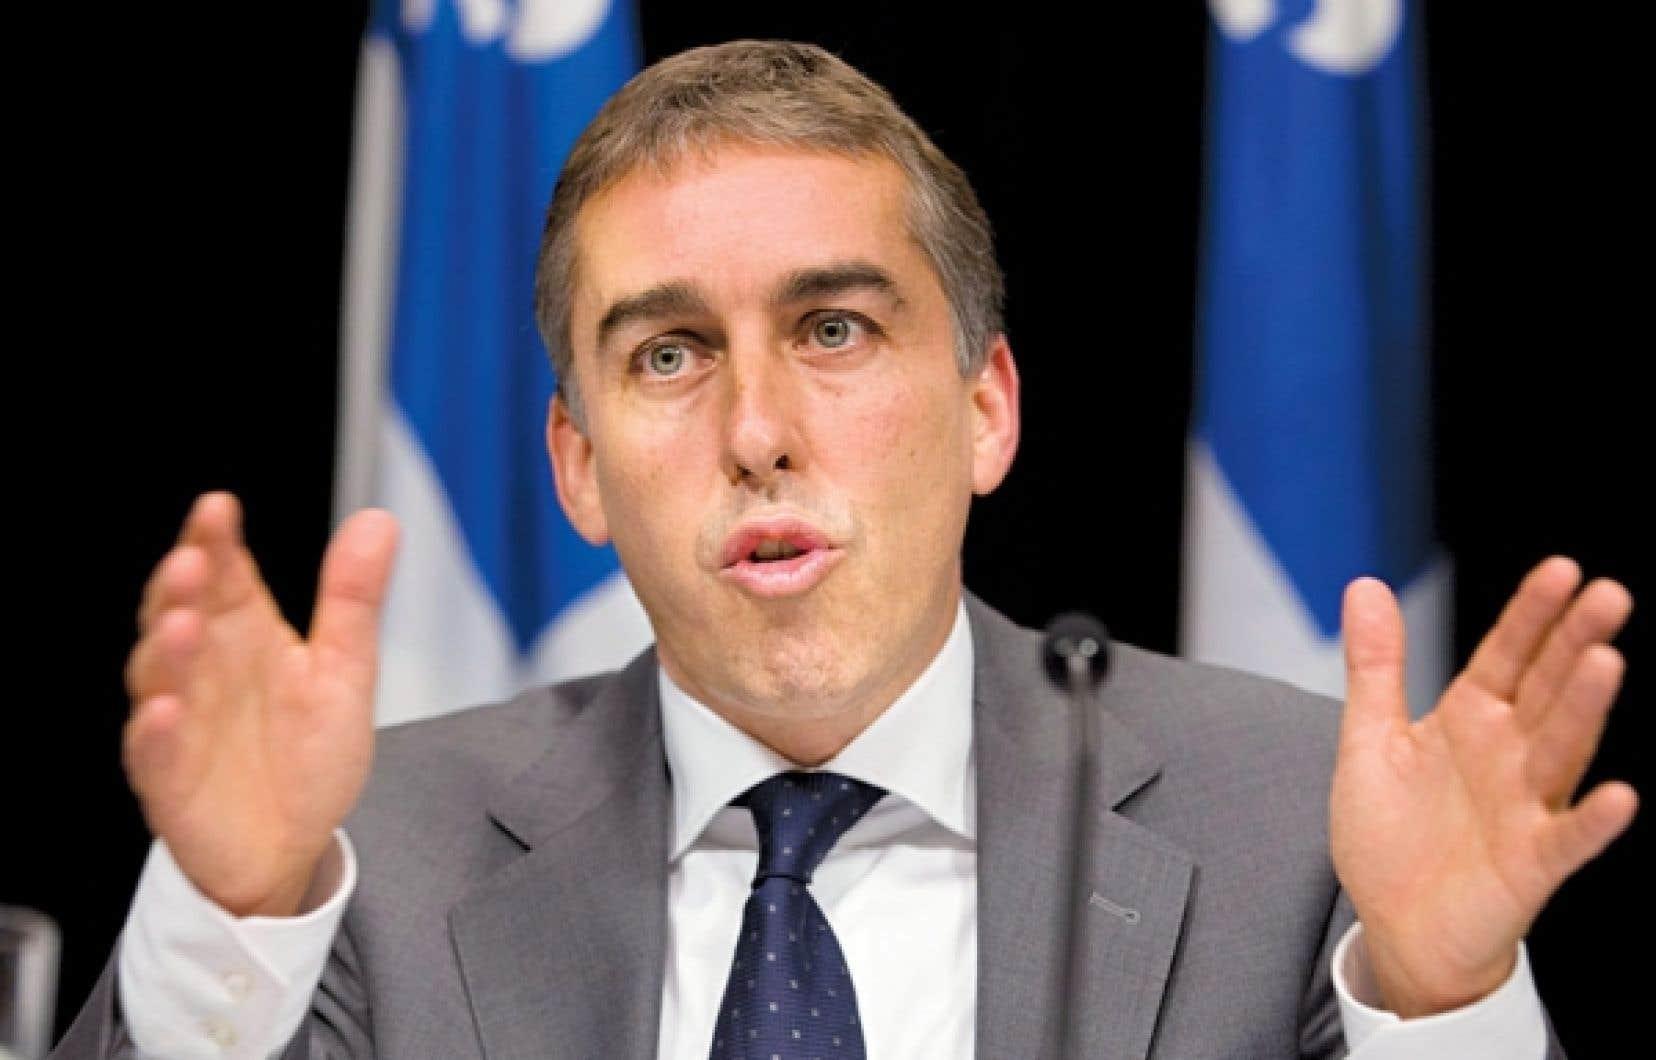 Le ministre des Finances, Nicolas Marceau, a annoncé mercredi à Québec qu'un projet de loi de nature budgétaire sera déposé dès cet automne pour mettre en place une « nouvelle contribution santé progressive ».